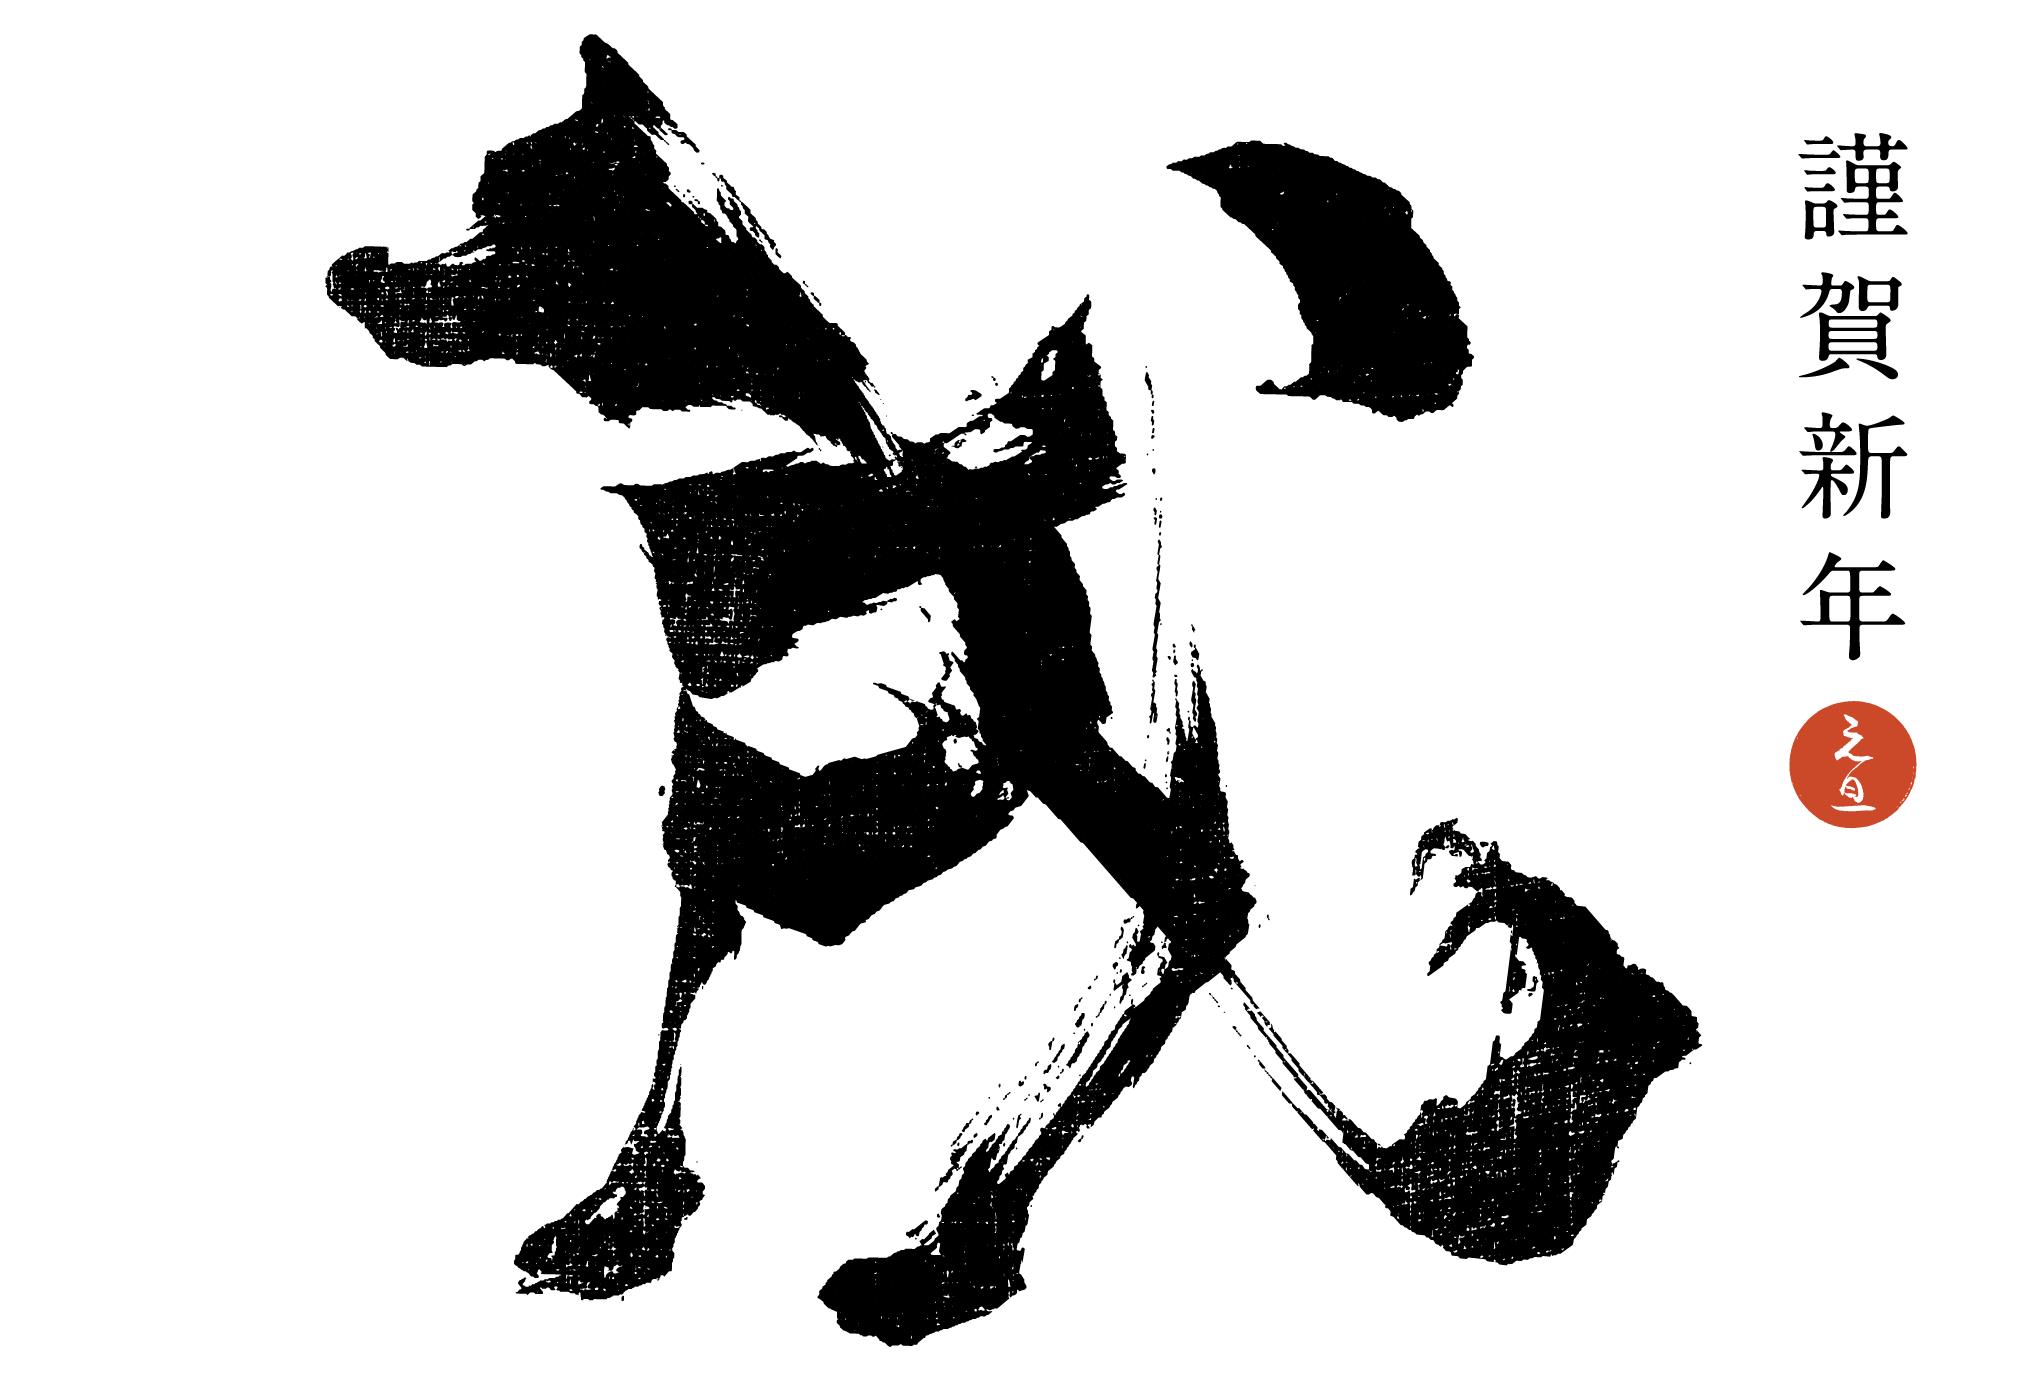 2018年賀状11-2:戌 Calligraphy – B(謹賀新年)のダウンロード画像